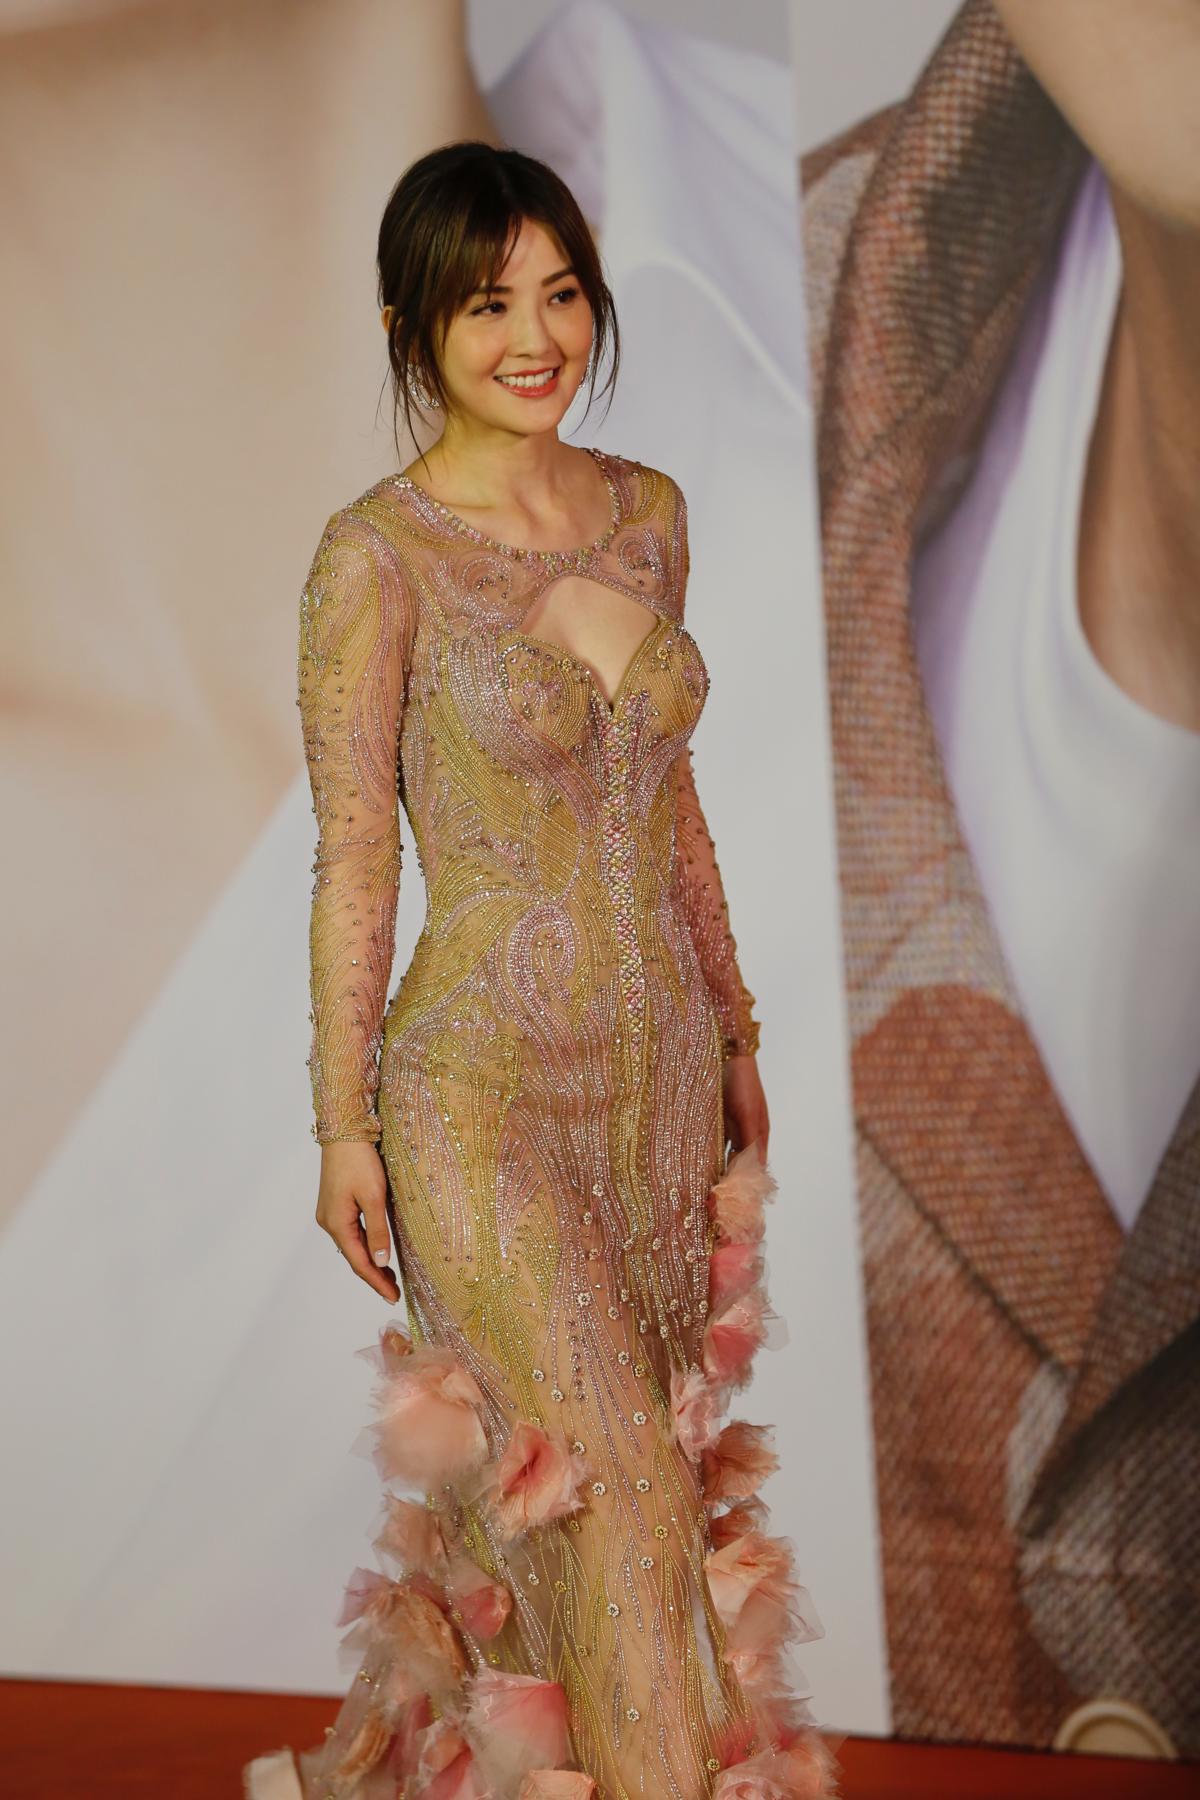 蔡卓妍這一身裸粉色長裙性感又成熟,也驚現以往幾乎不曾出現過的事業線,且獲得典禮最佳衣著獎。(IC PHOTO)